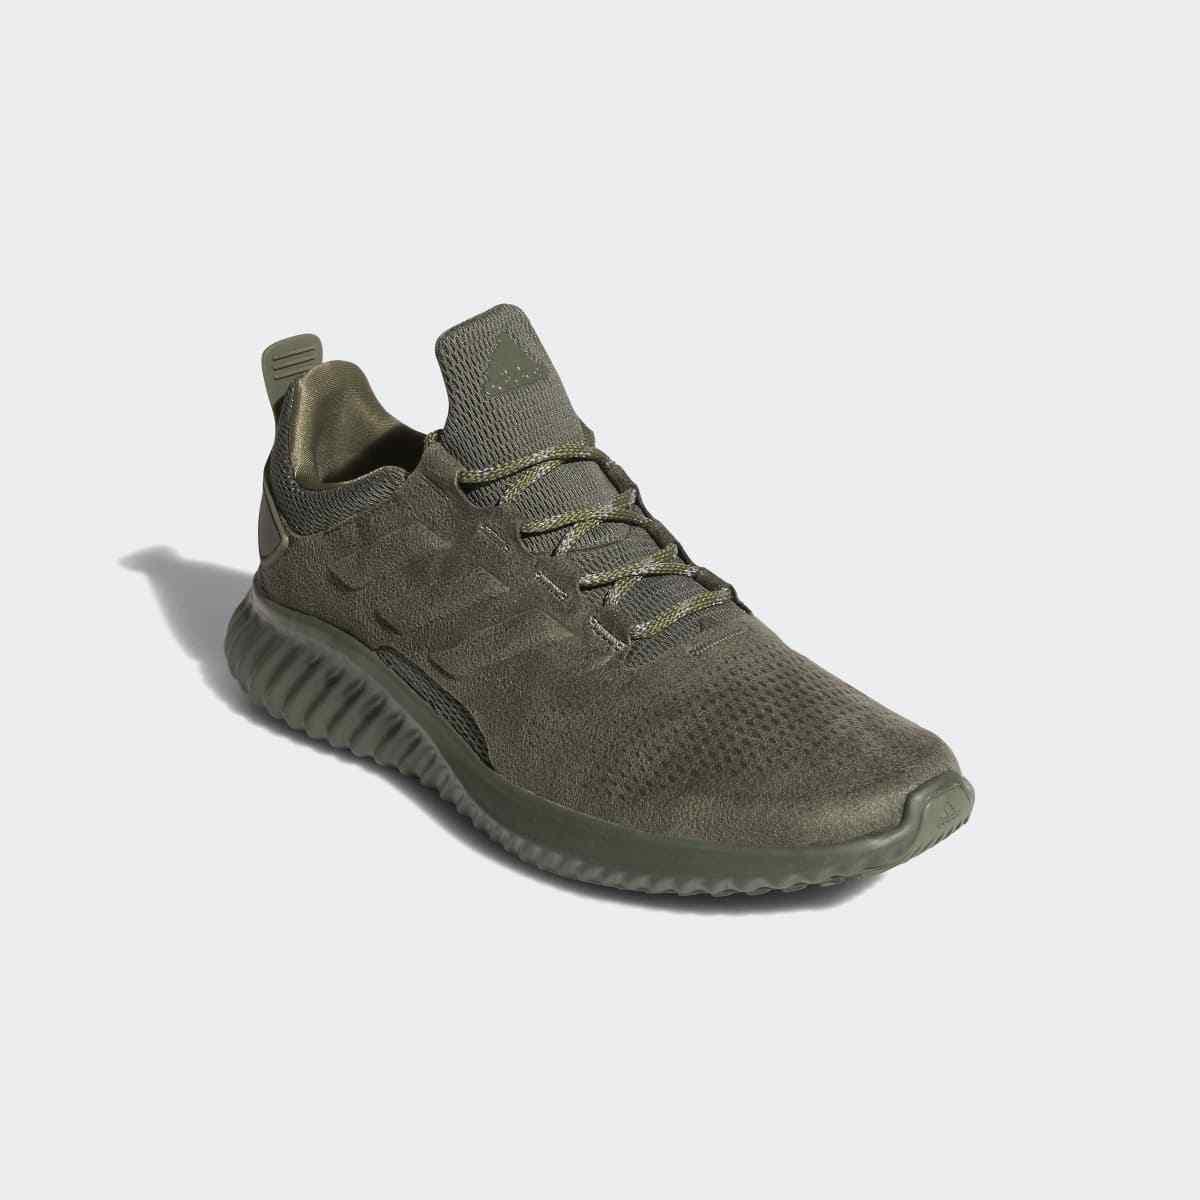 Férfi ADIDAS ALPHABOUNCE CITY BOUNCE SHOES CG4572 Base Zöld cipők ÚJ